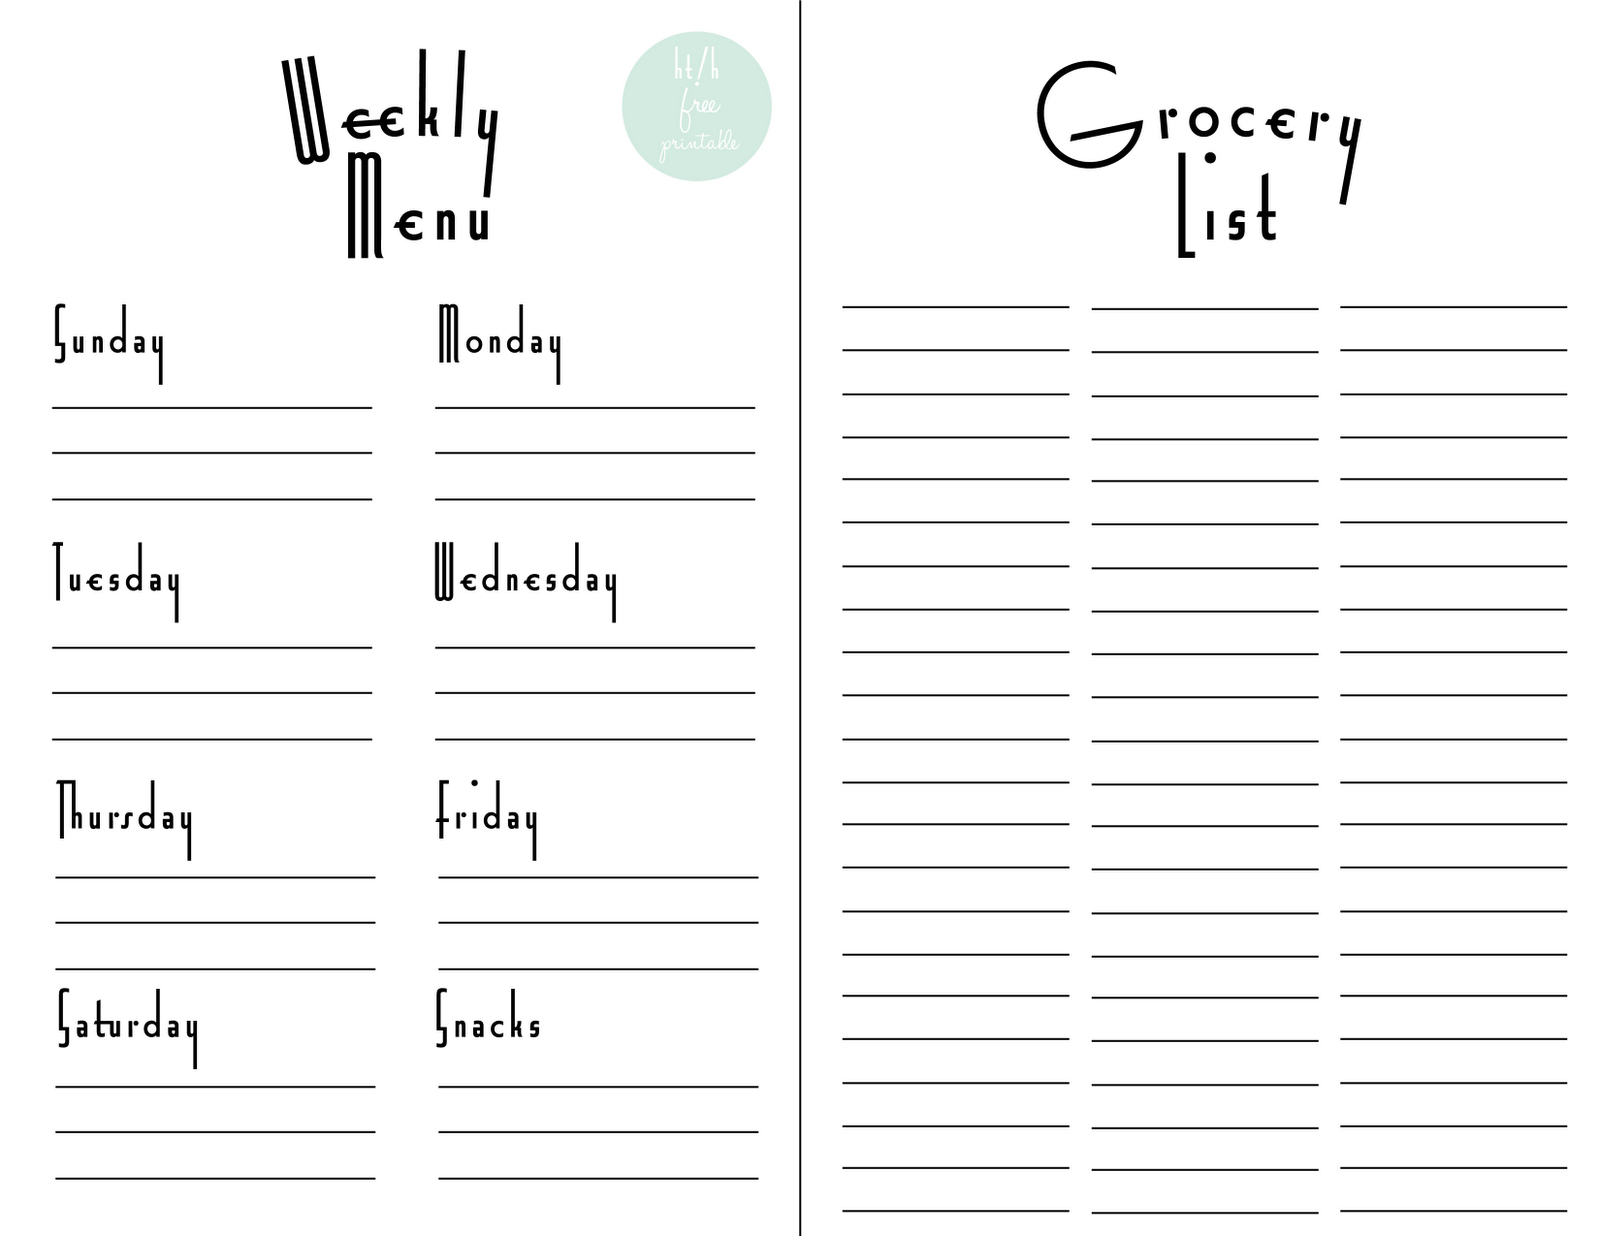 Weekly Menu Planner & Grocery List Free Printable   For The Home - Free Printable Grocery List And Meal Planner